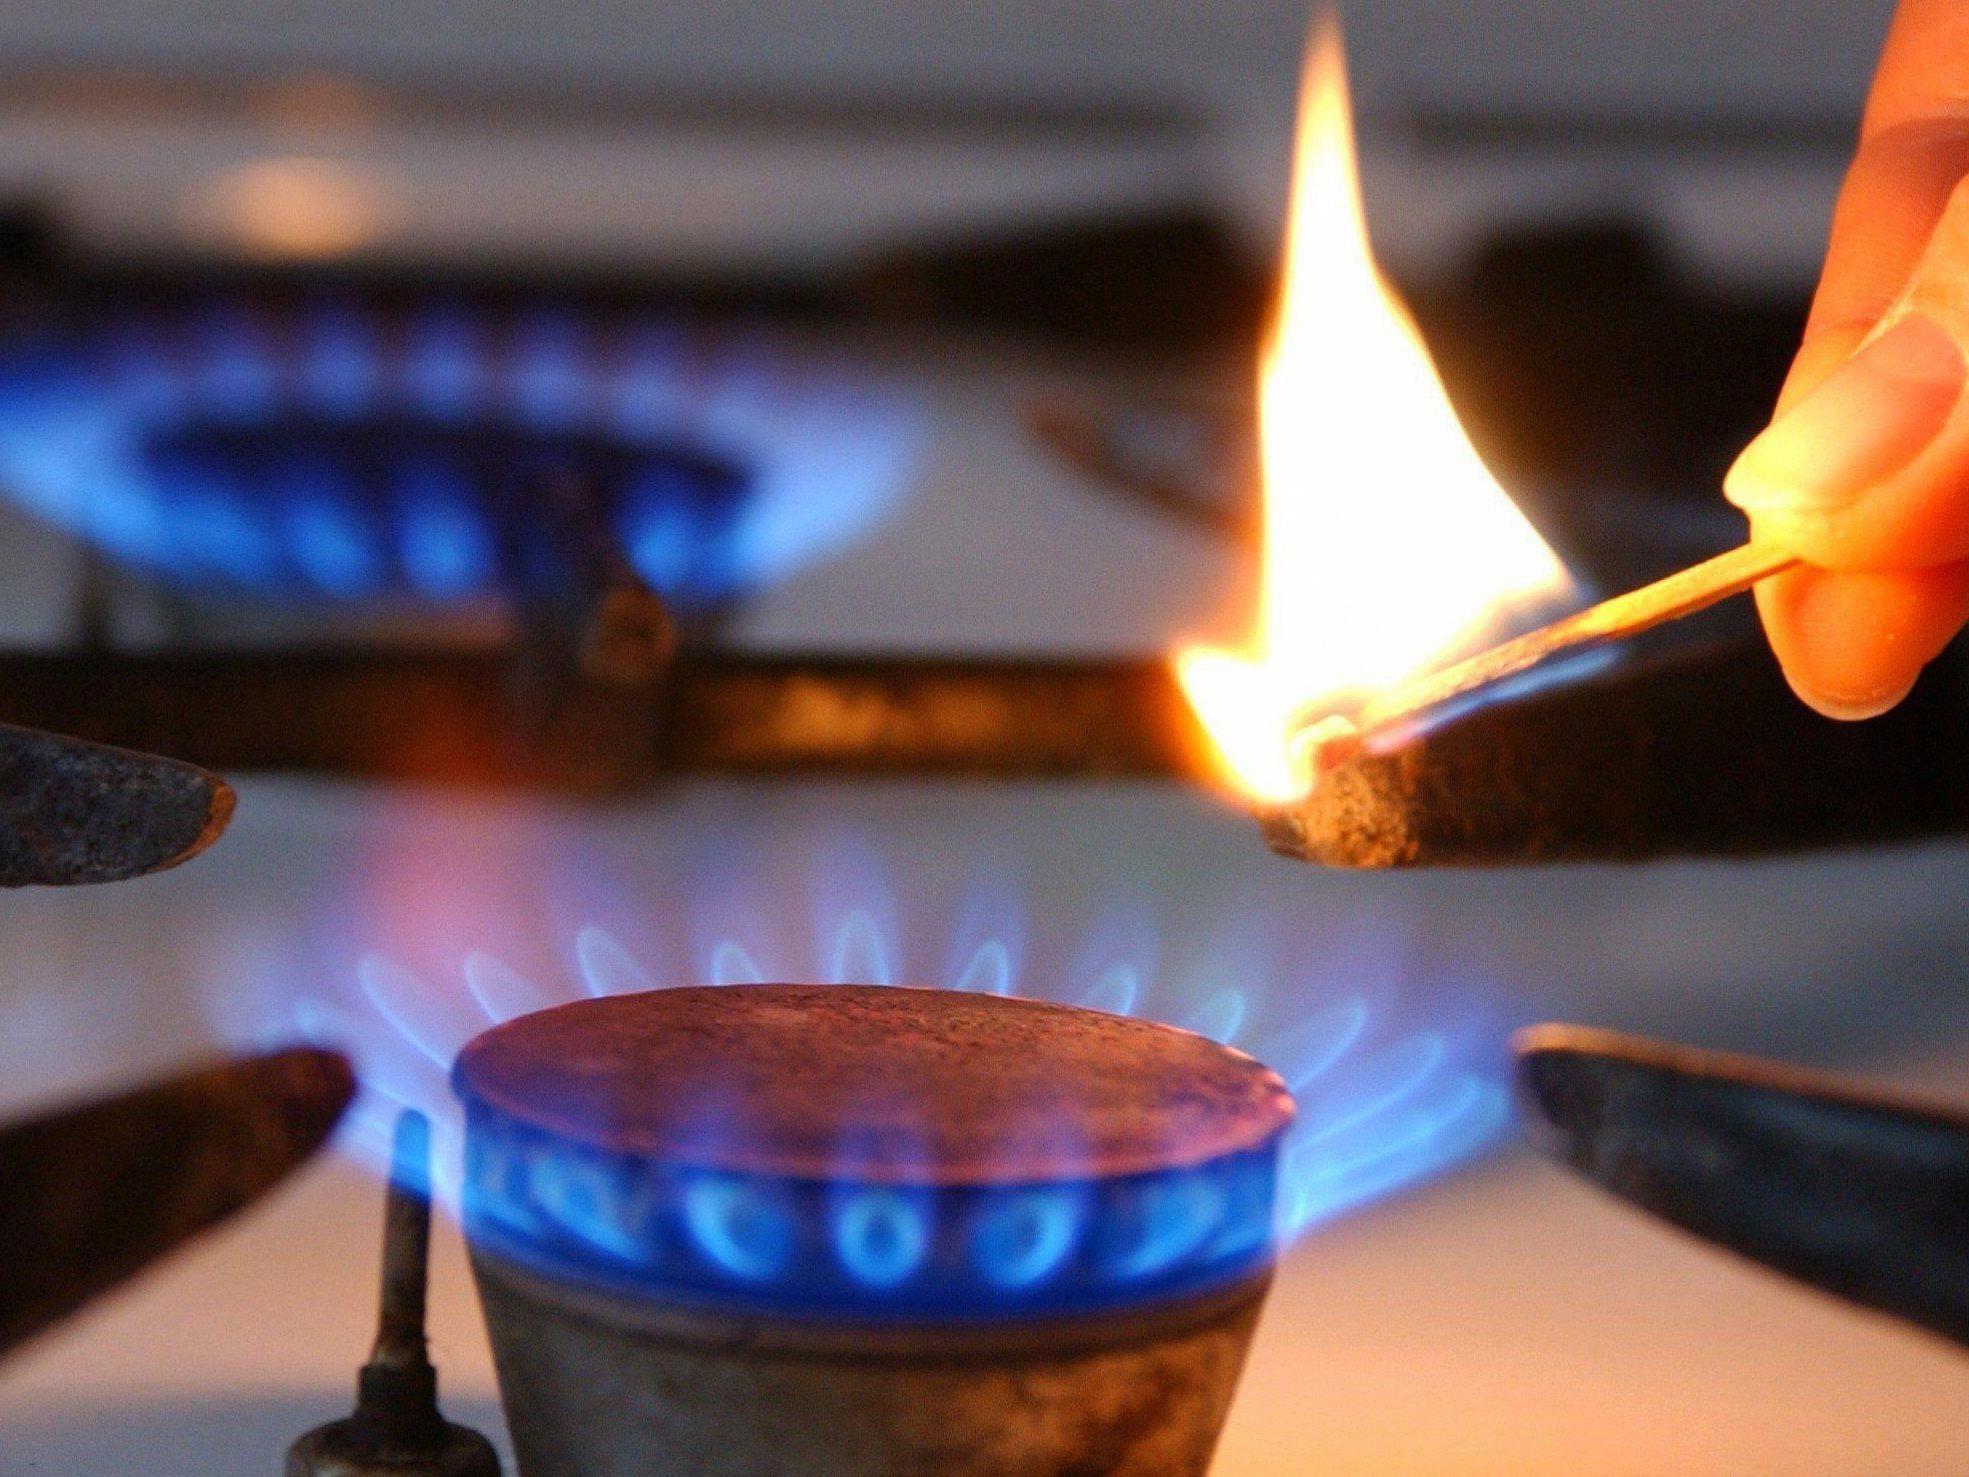 Regulator E-Control: Kunden profitieren von stärkerem Wettbewerb am Gasmarkt.